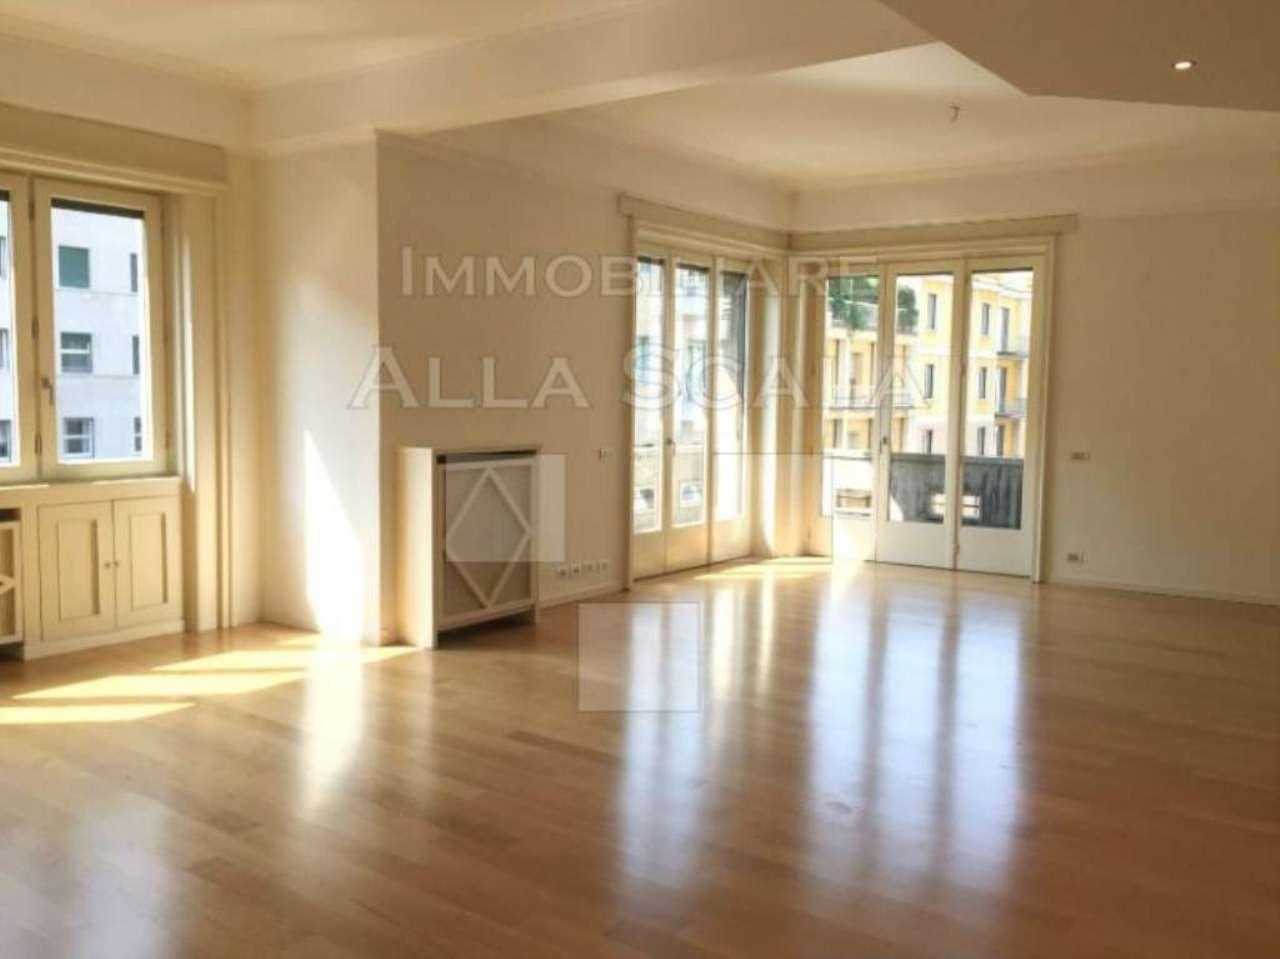 Appartamento in affitto a Milano, 6 locali, zona Zona: 1 . Centro Storico, Duomo, Brera, Cadorna, Cattolica, prezzo € 5.416   CambioCasa.it